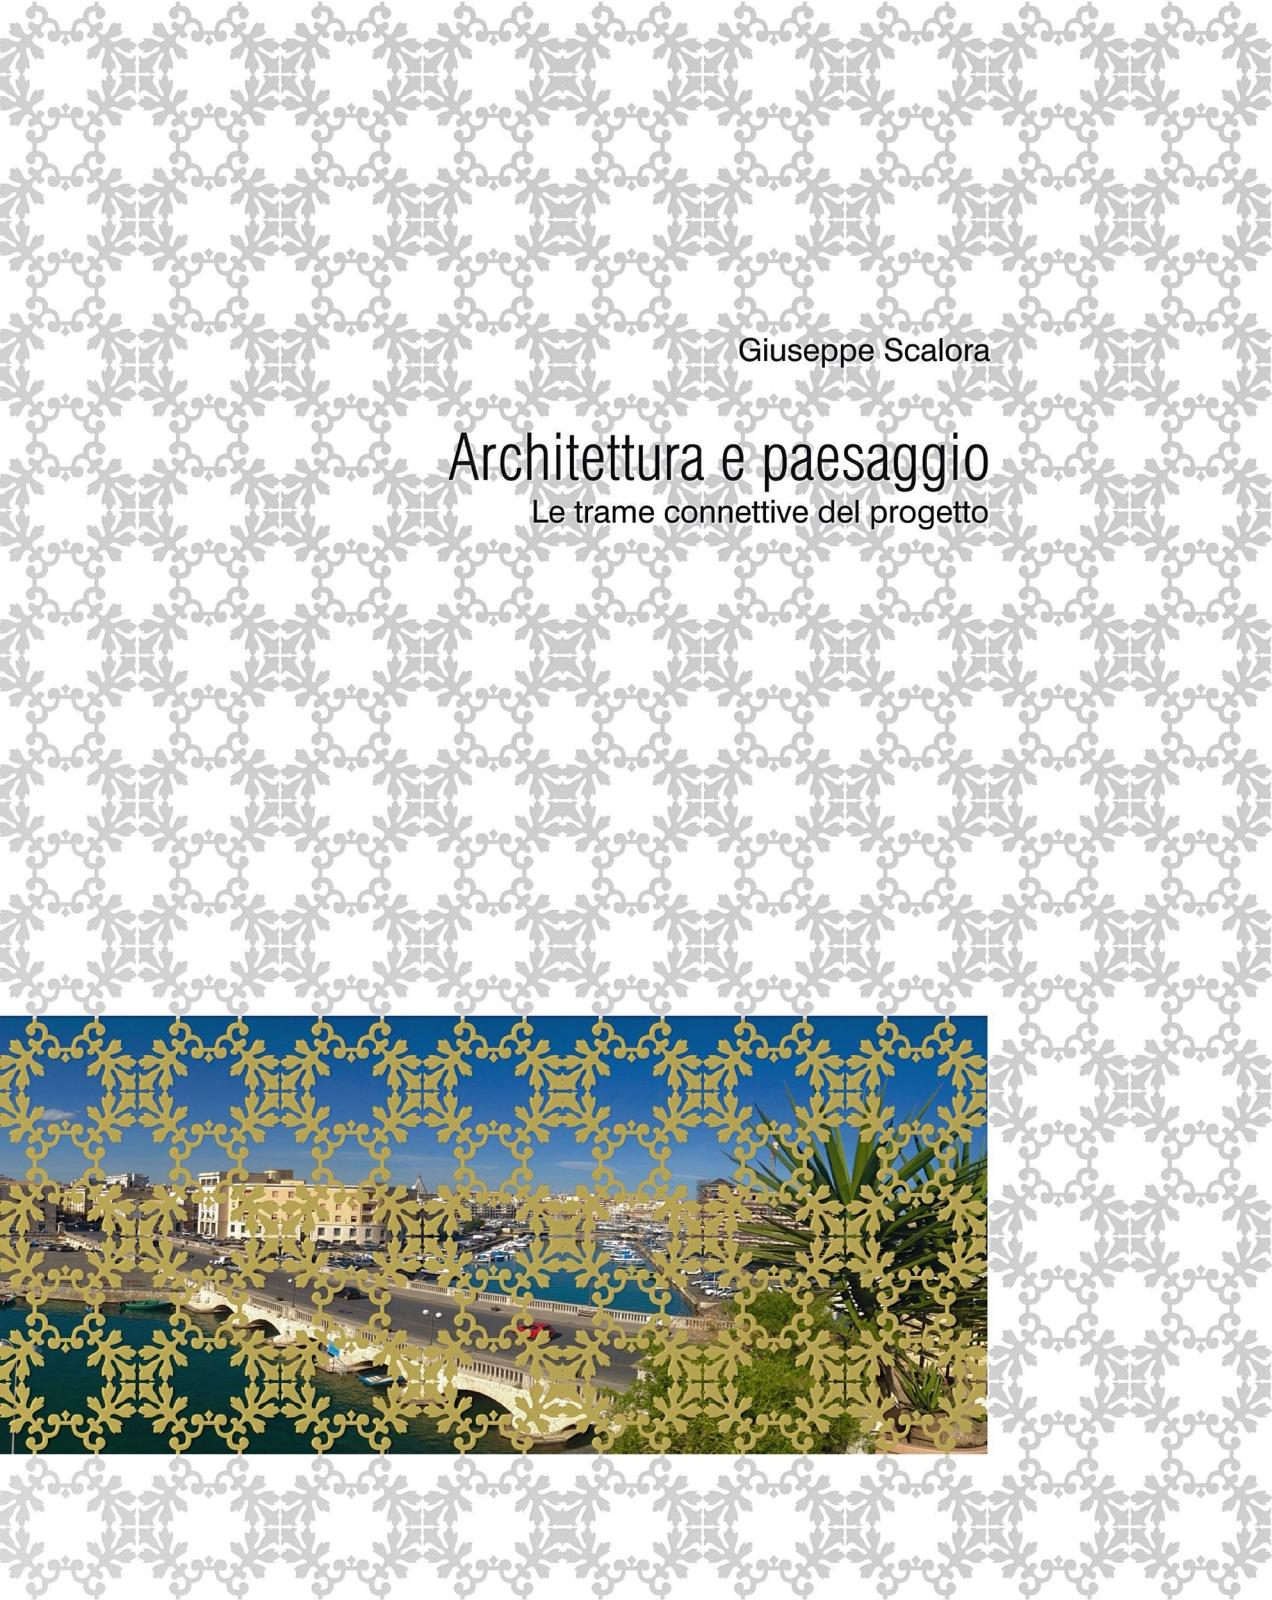 2015 - Architettura e paesaggio. Le trame collettive del progetto